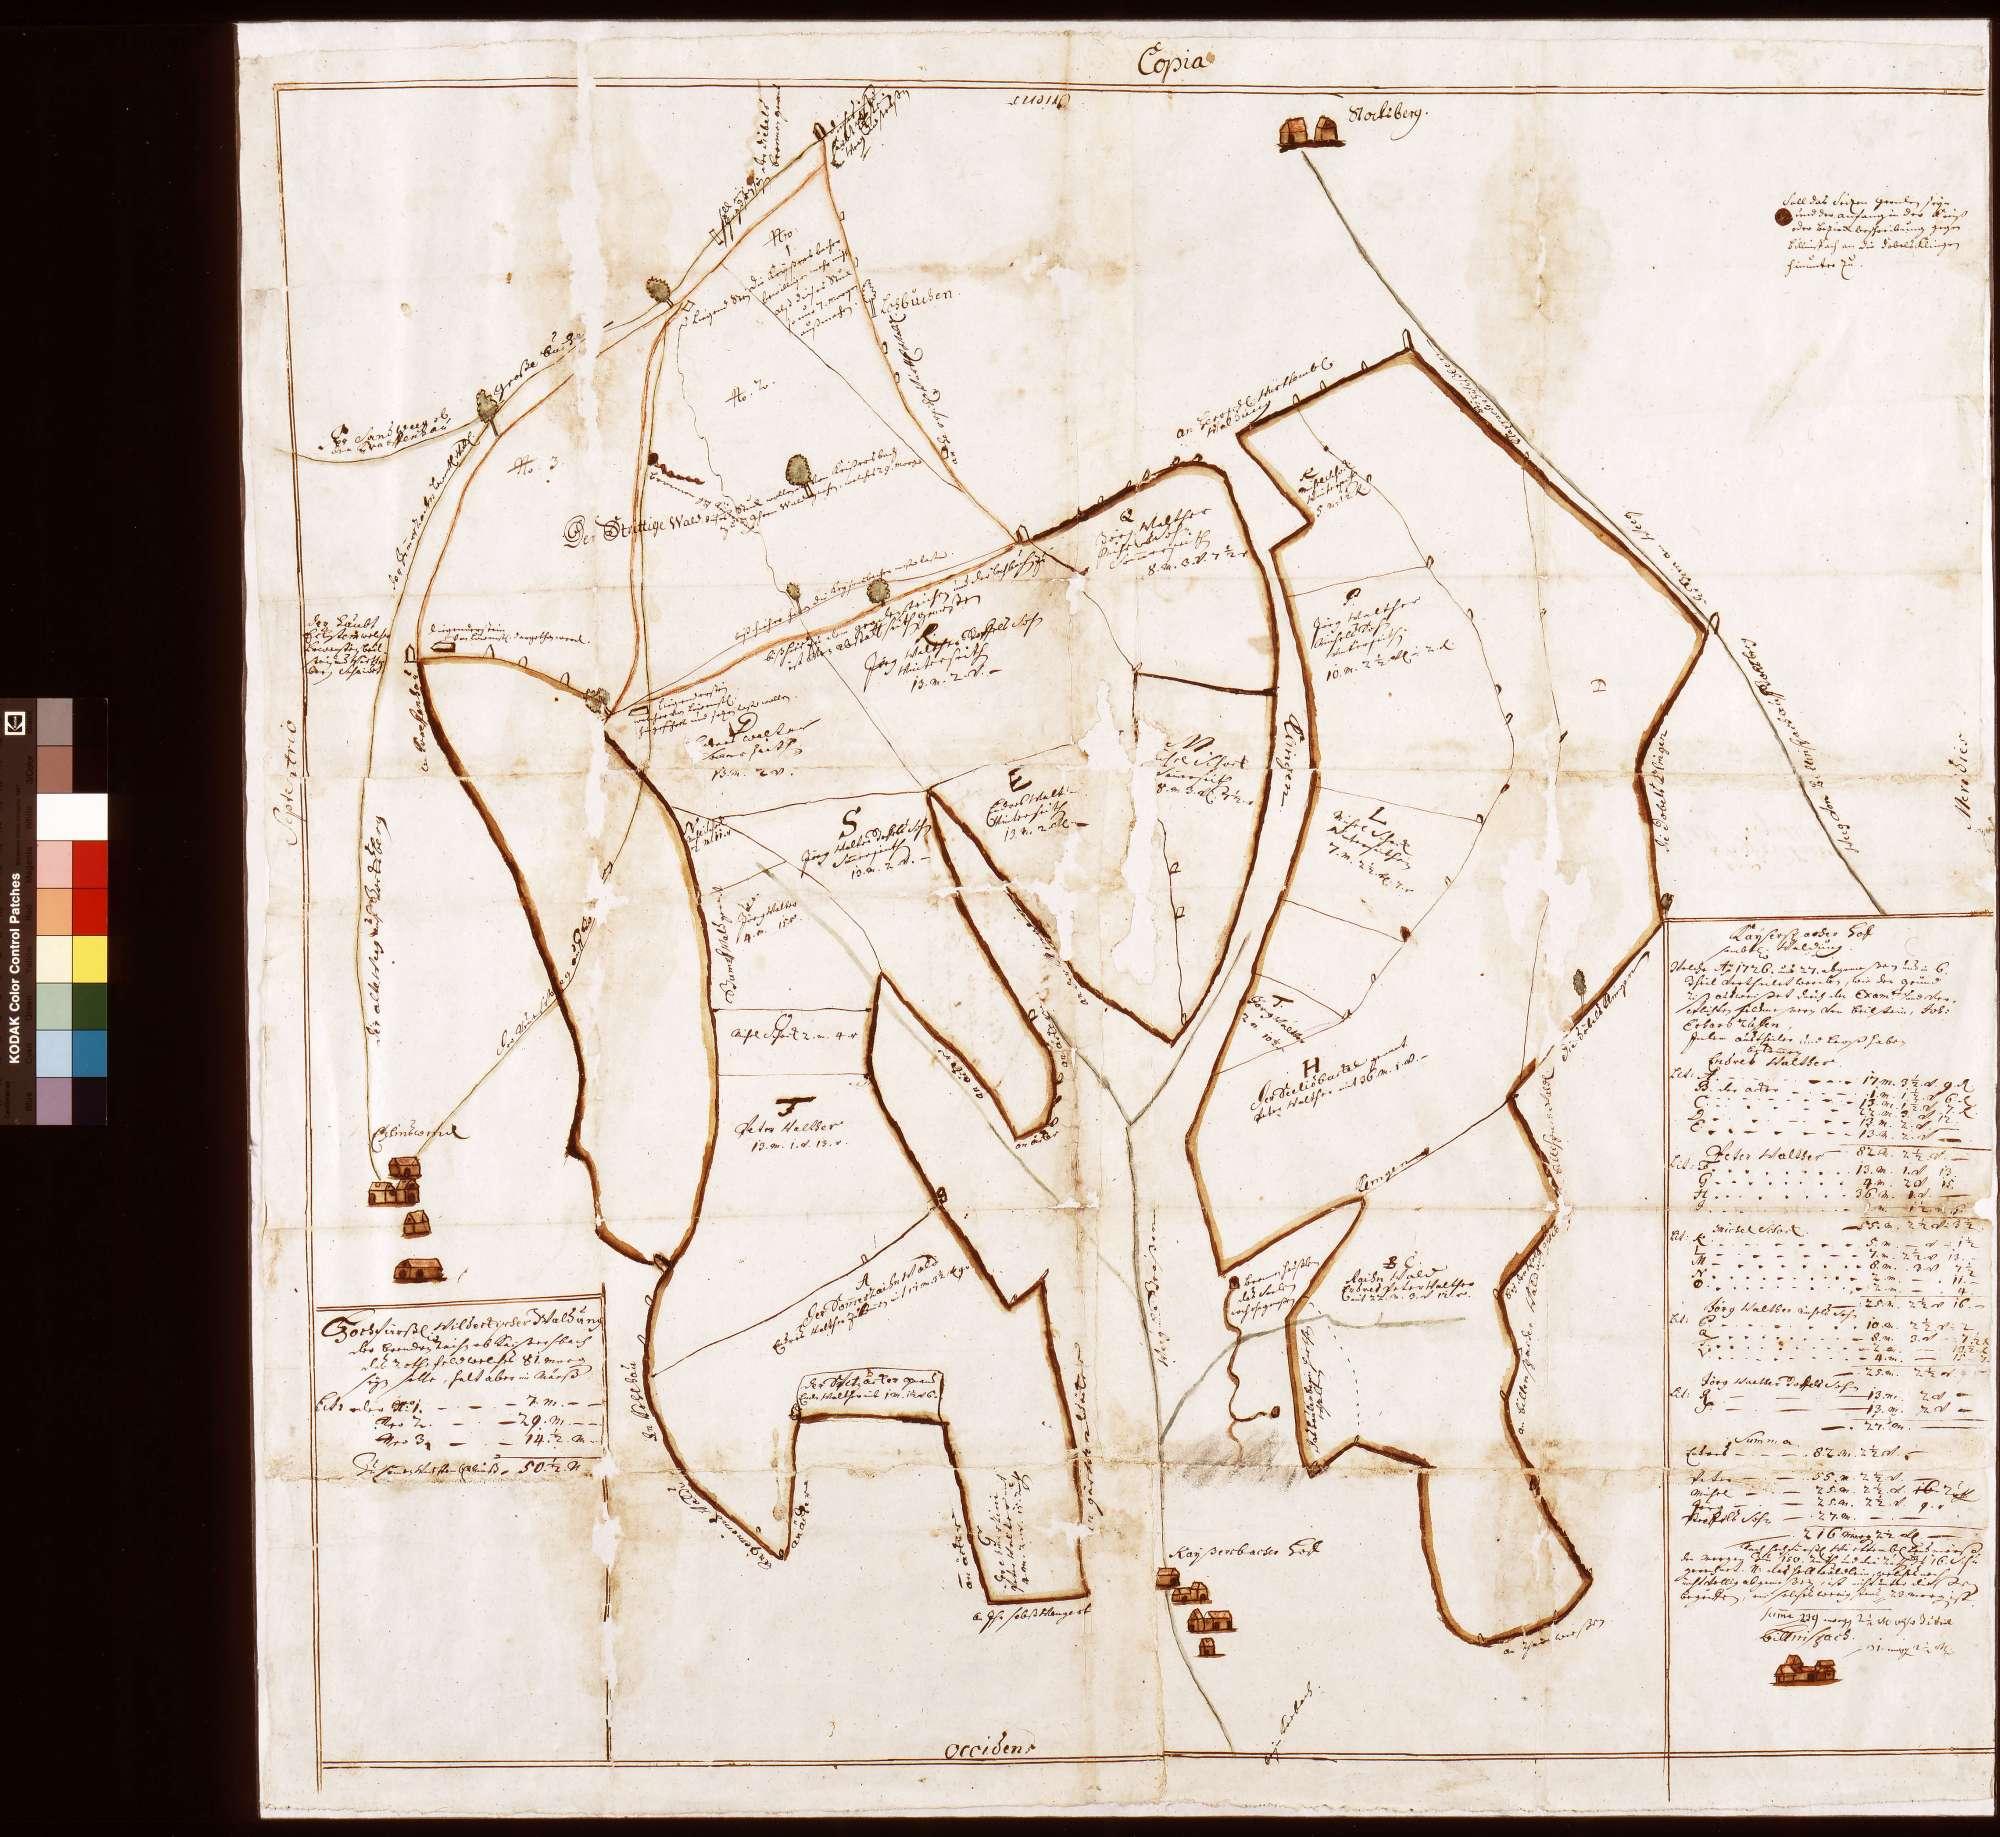 Kaisersbacher Hof: sämtliche Waldungen, welche Anno 1726 und 27 abgemessen und in sechs Teile verteilet worden, wie der Grundriss ausweist (Inselkarte, Fragment), Bild 1